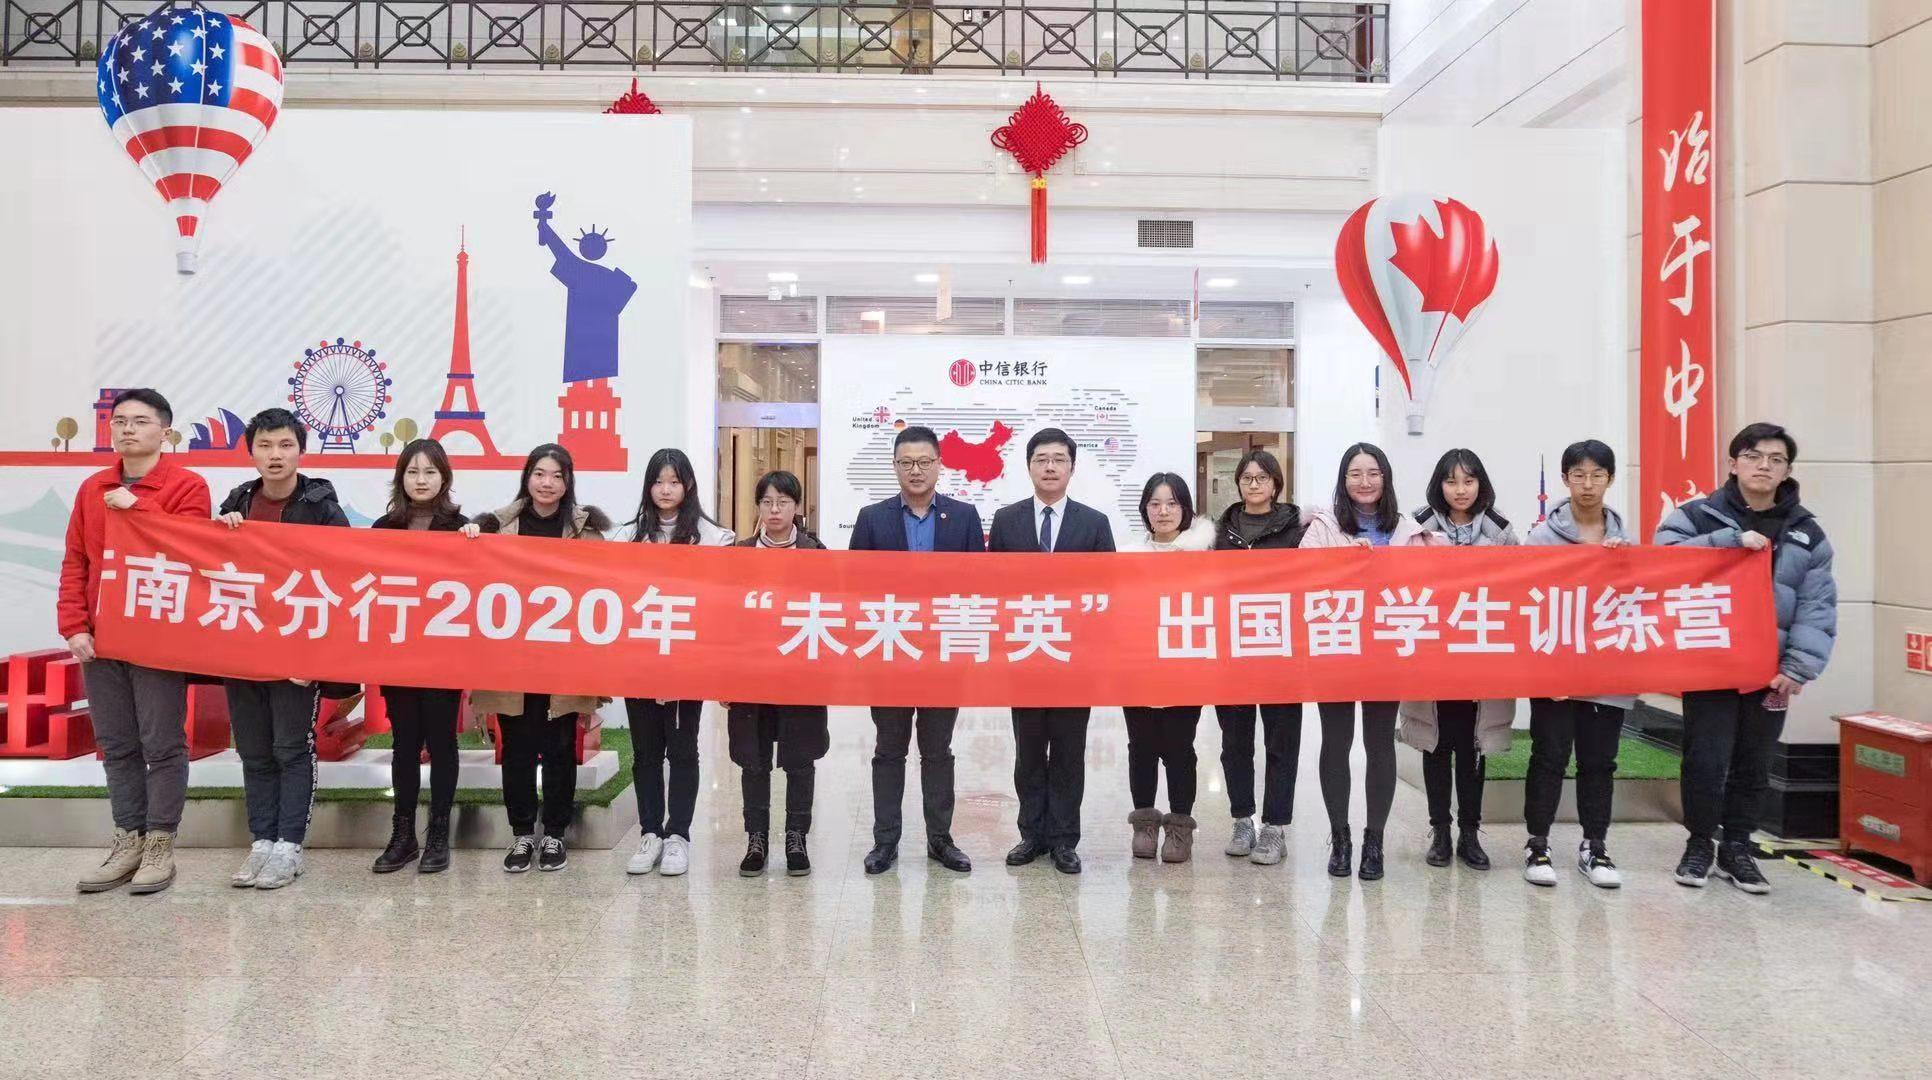 http://www.jiaokaotong.cn/chuguoliuxue/313079.html